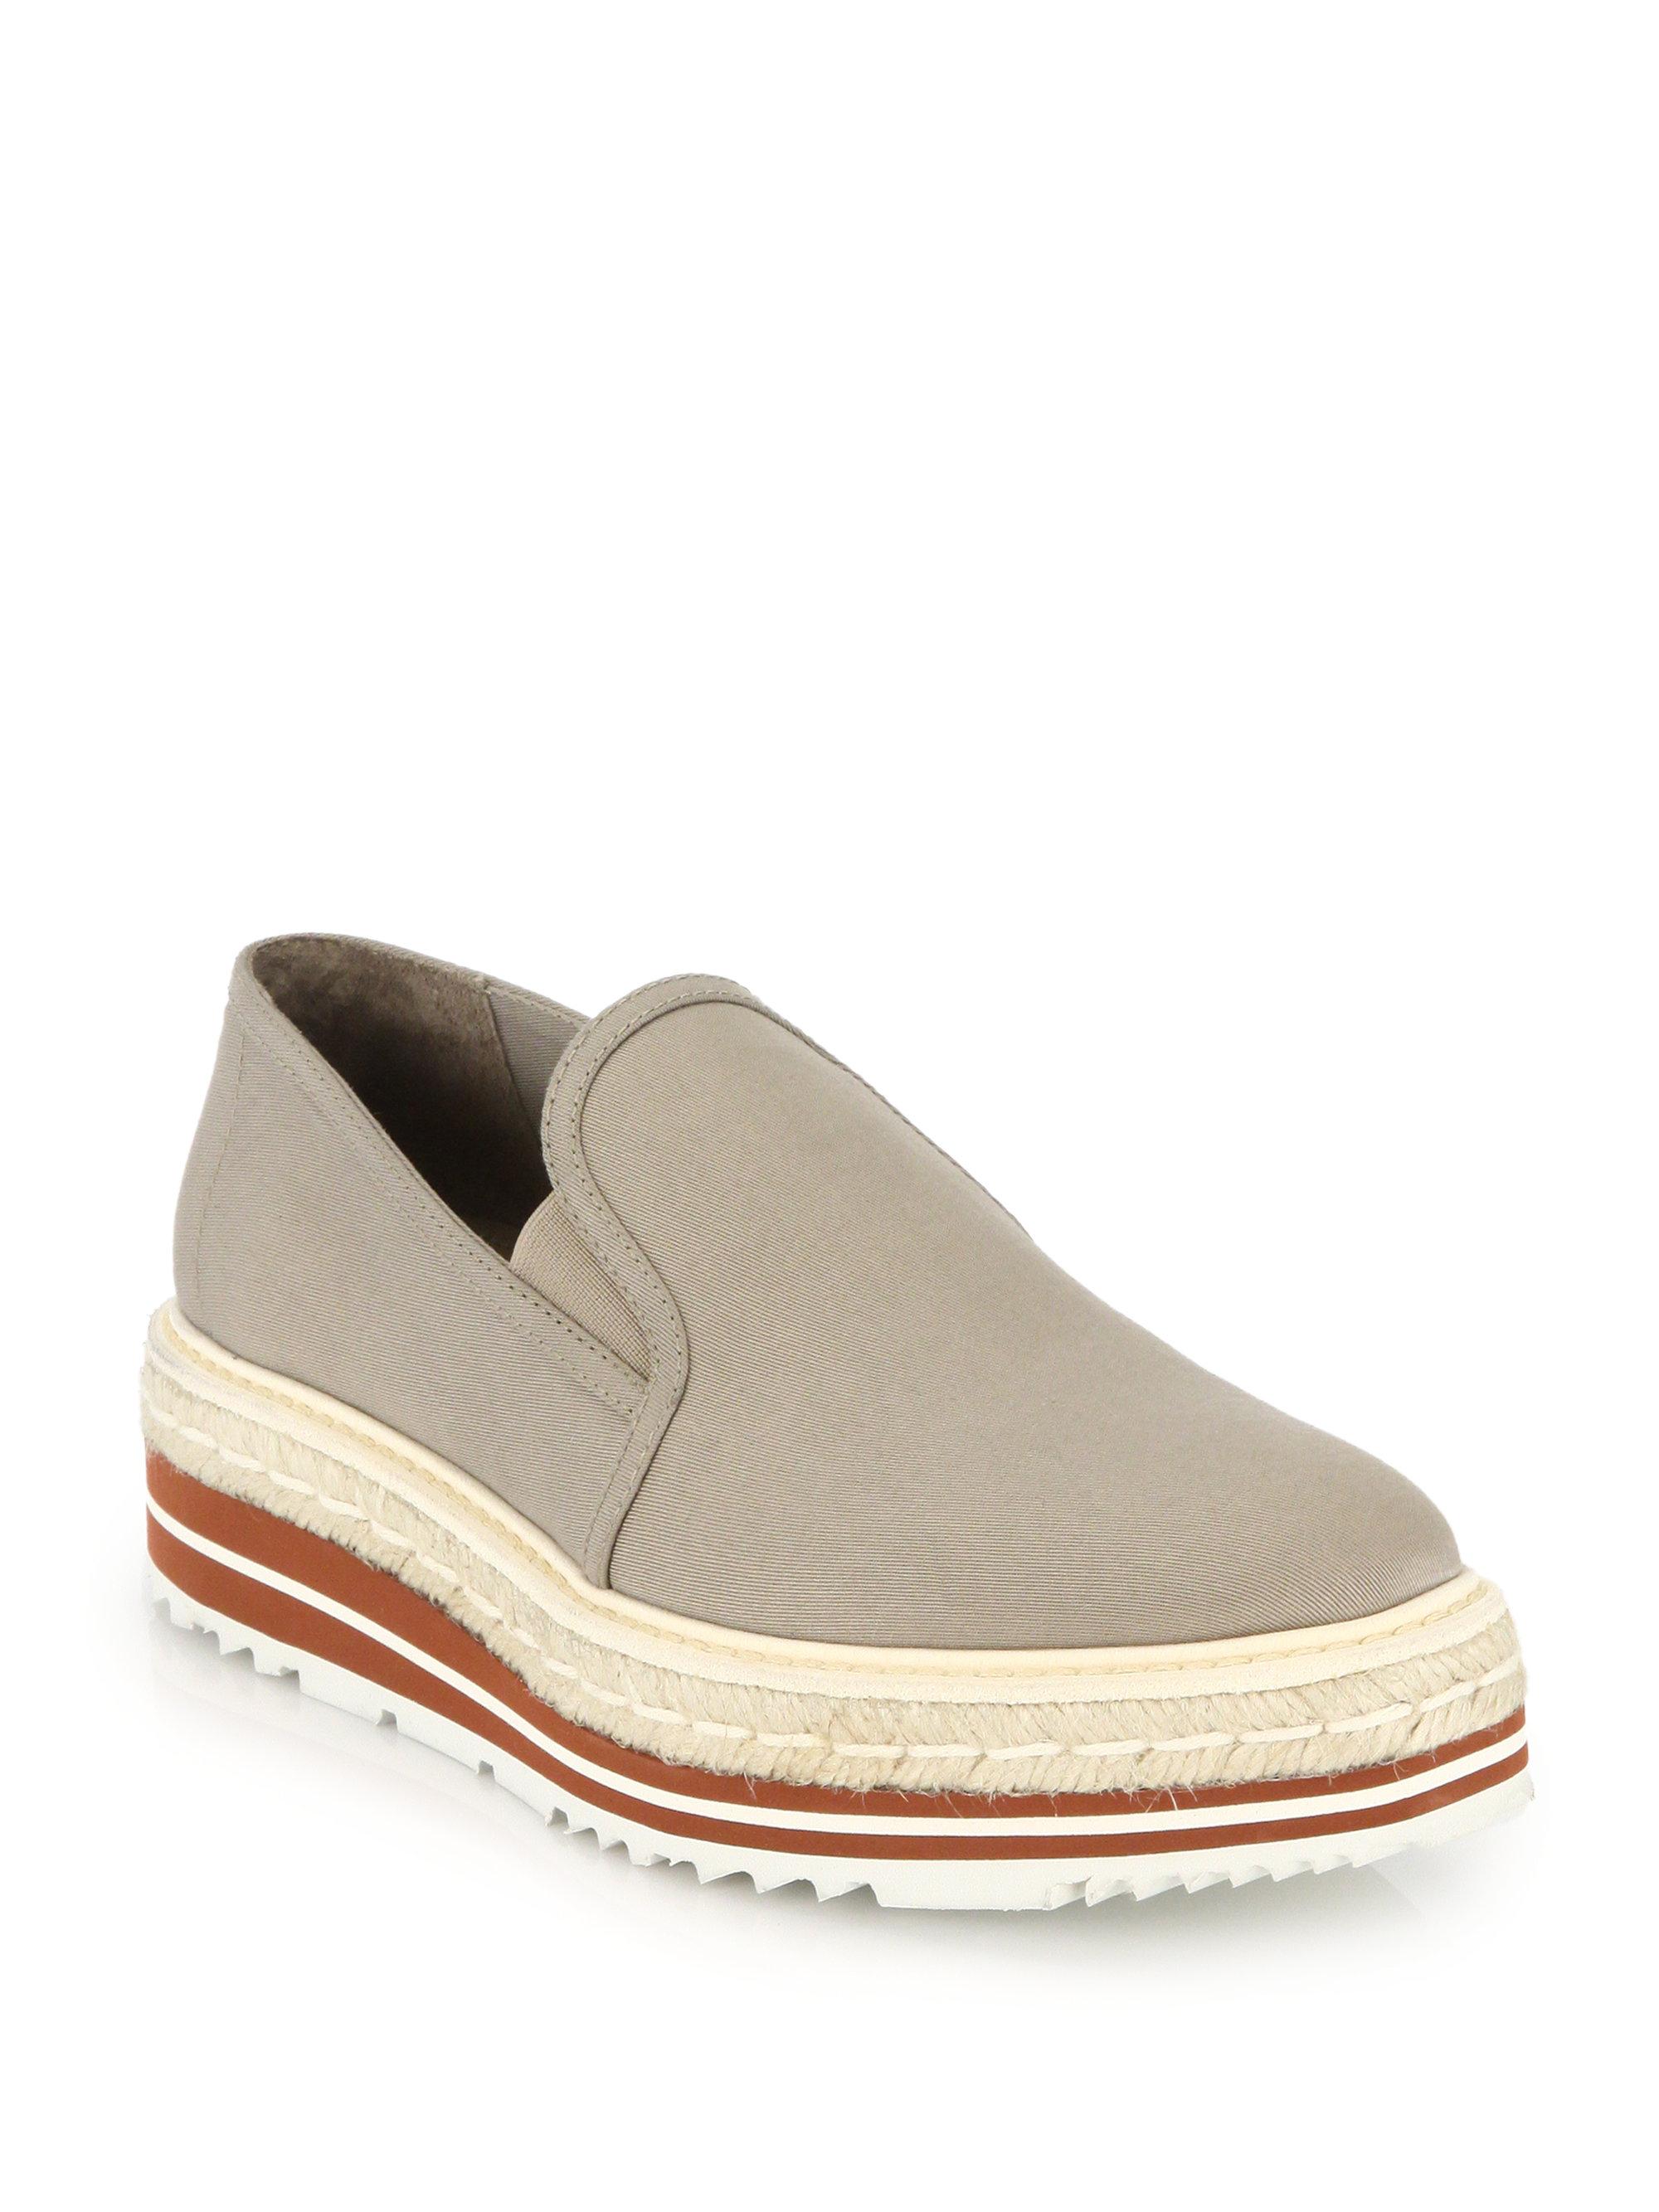 prada handbag tote - Prada Platform Espadrille Canvas Slip-on Sneakers in Beige | Lyst